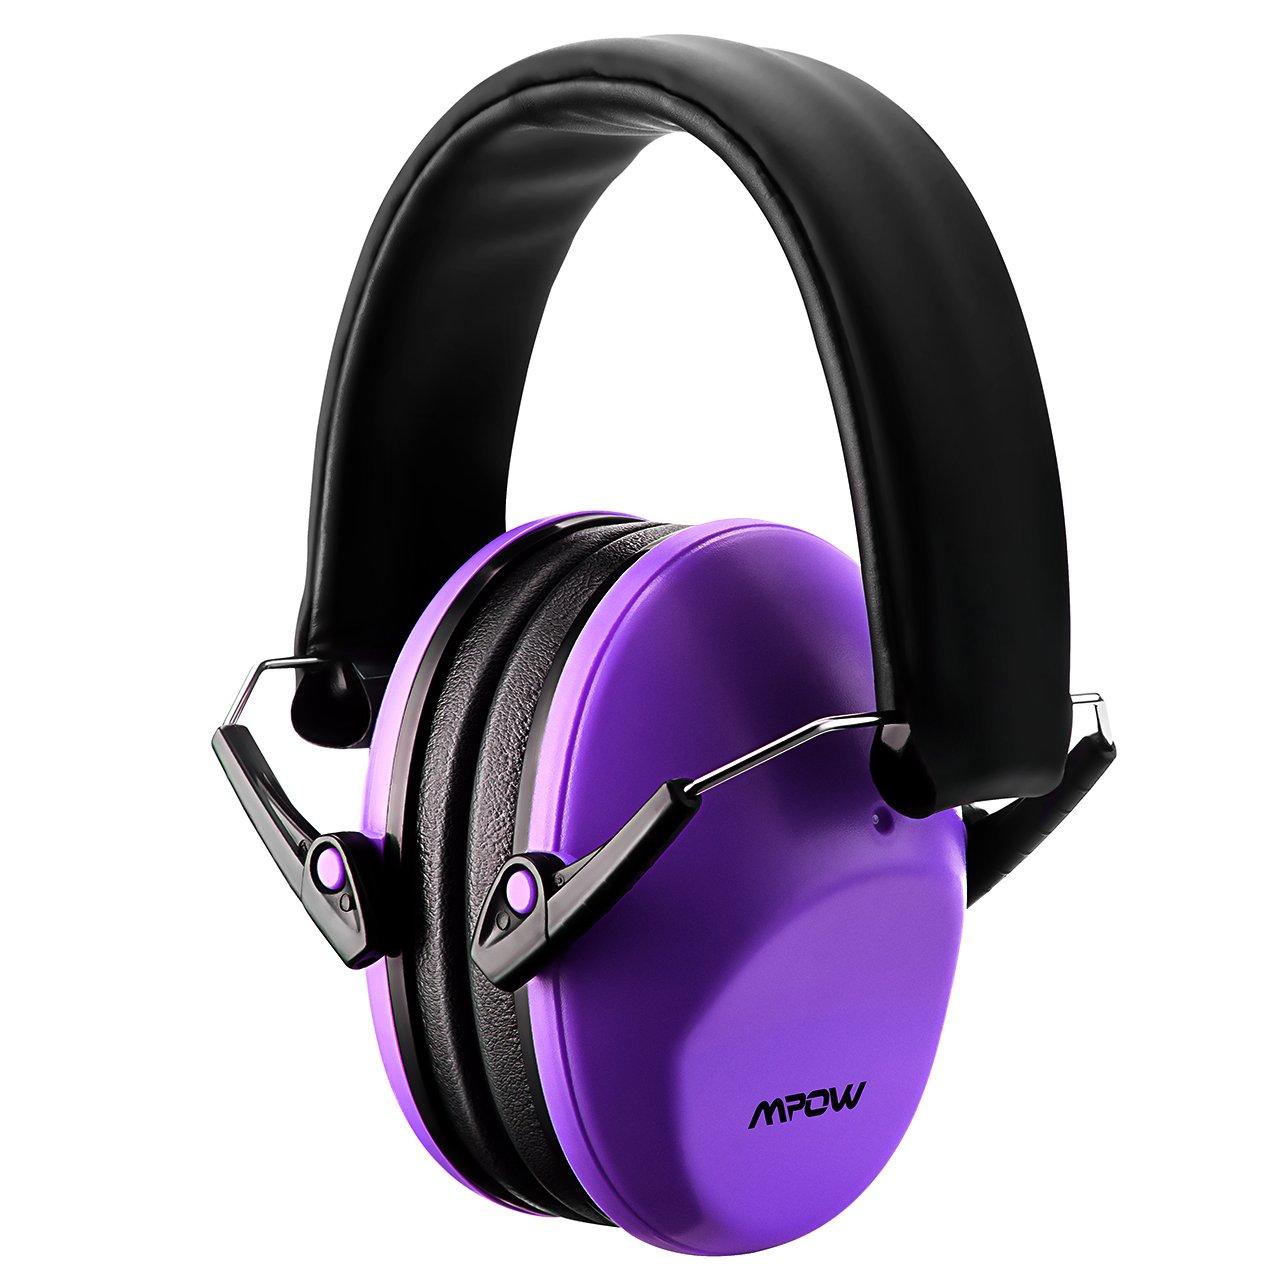 Mpow Gehörschutz für Kinder, Mpow lärmschutz kopfhörer, Gehörschutz für Konzert oder Feuerwerk, Verstellbare Stirnband Ohrenschützer für Kinder, NRR 25dB Kinder Gehörschutz ( Violet ) LP-FR-VA640PHPM